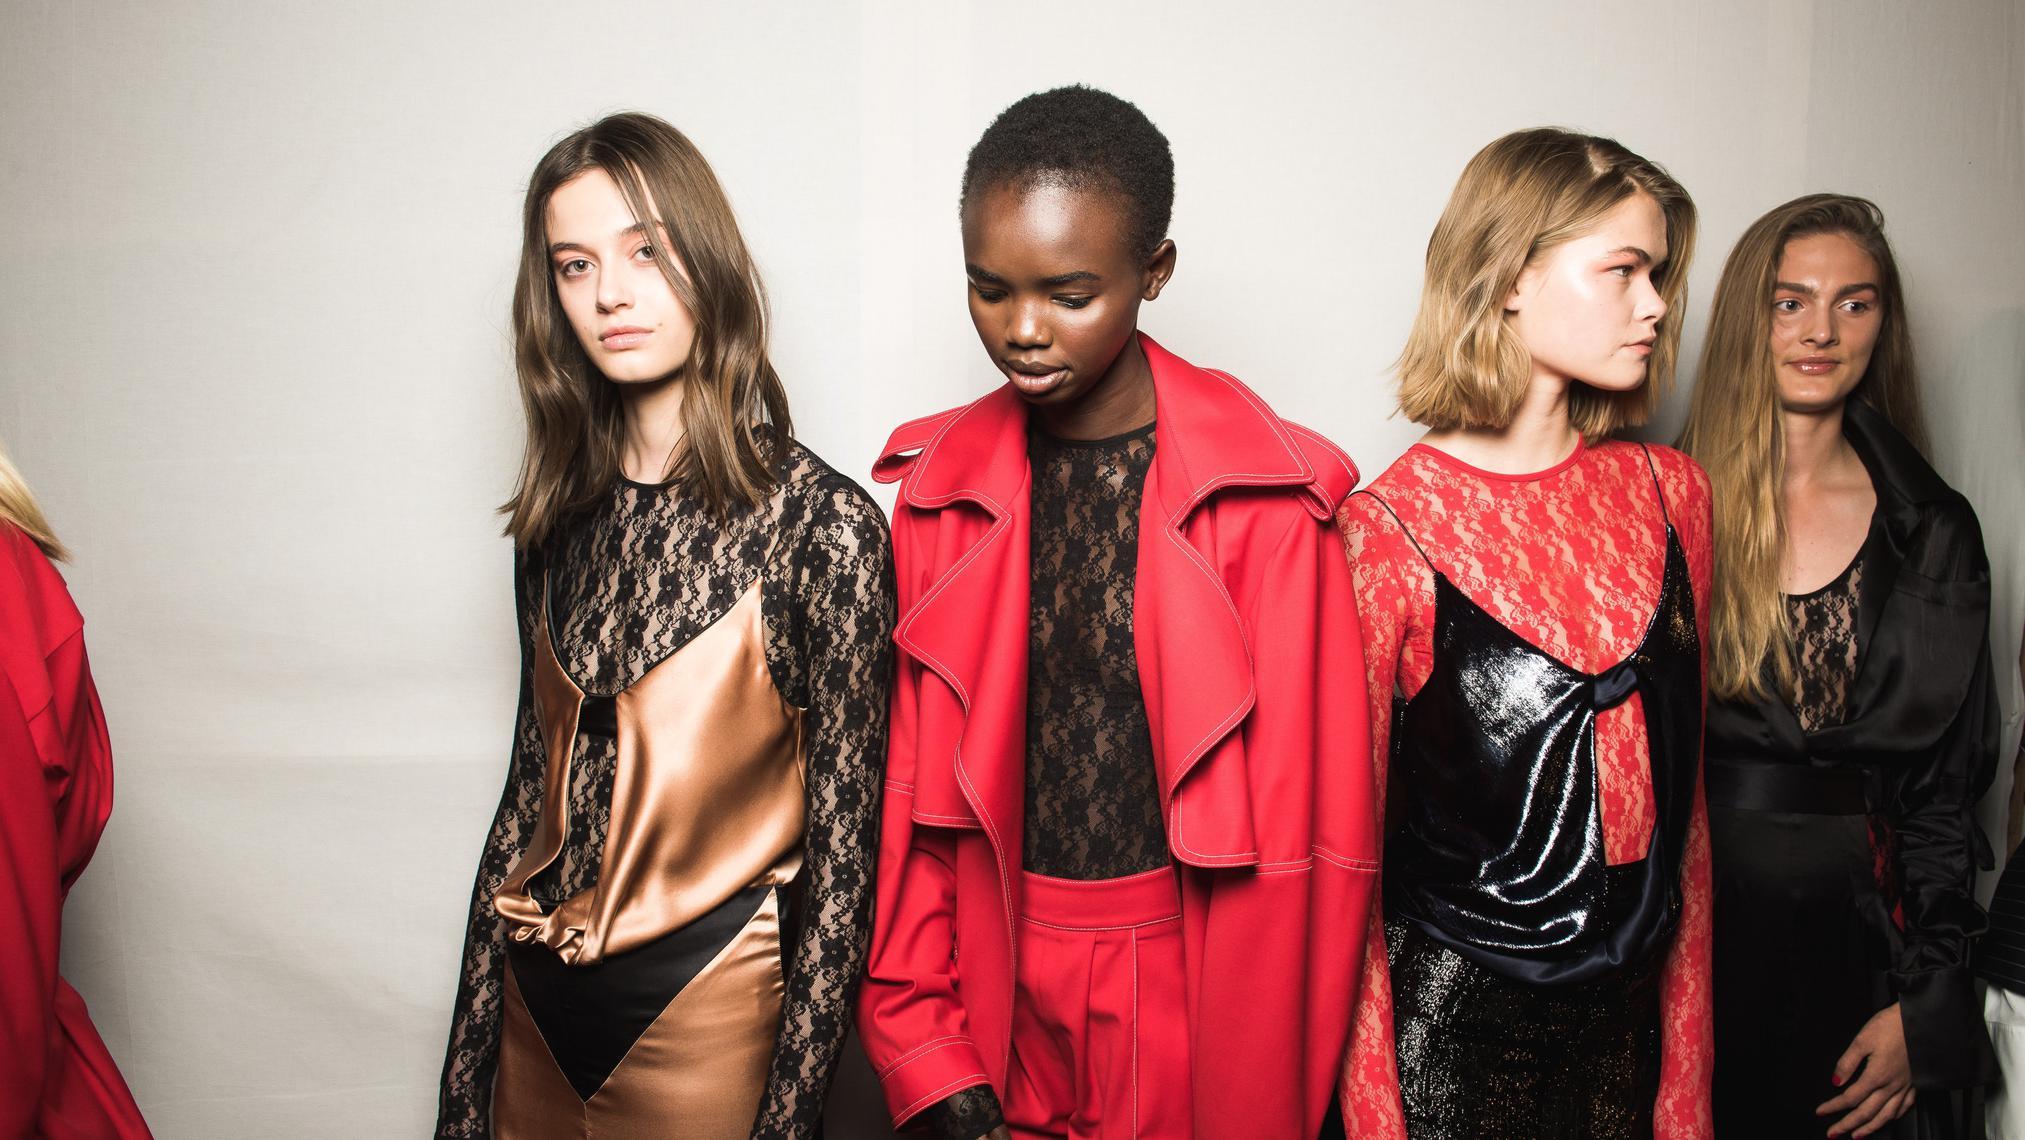 модельное агентство new fashion